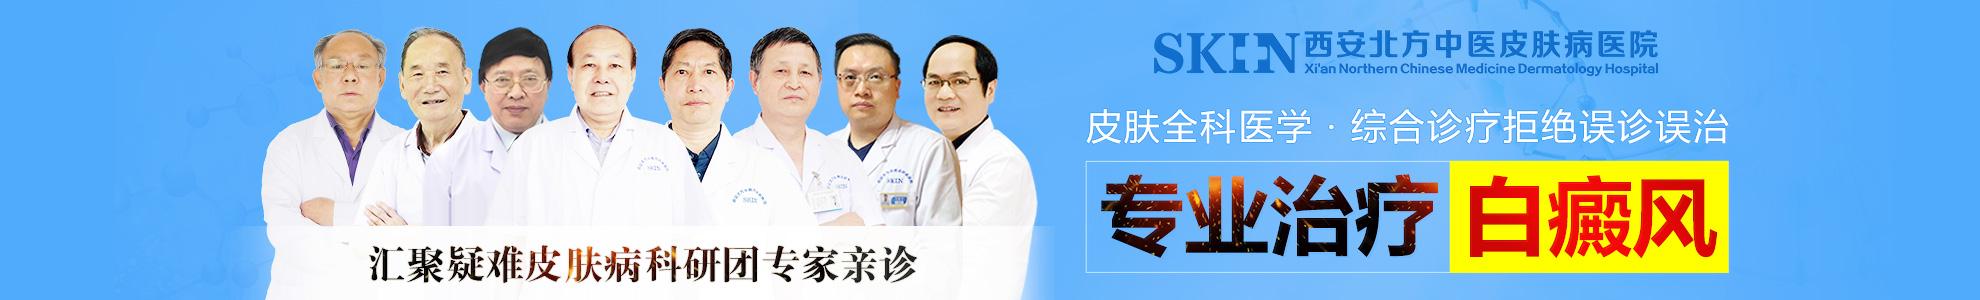 西安北方白癜风医院